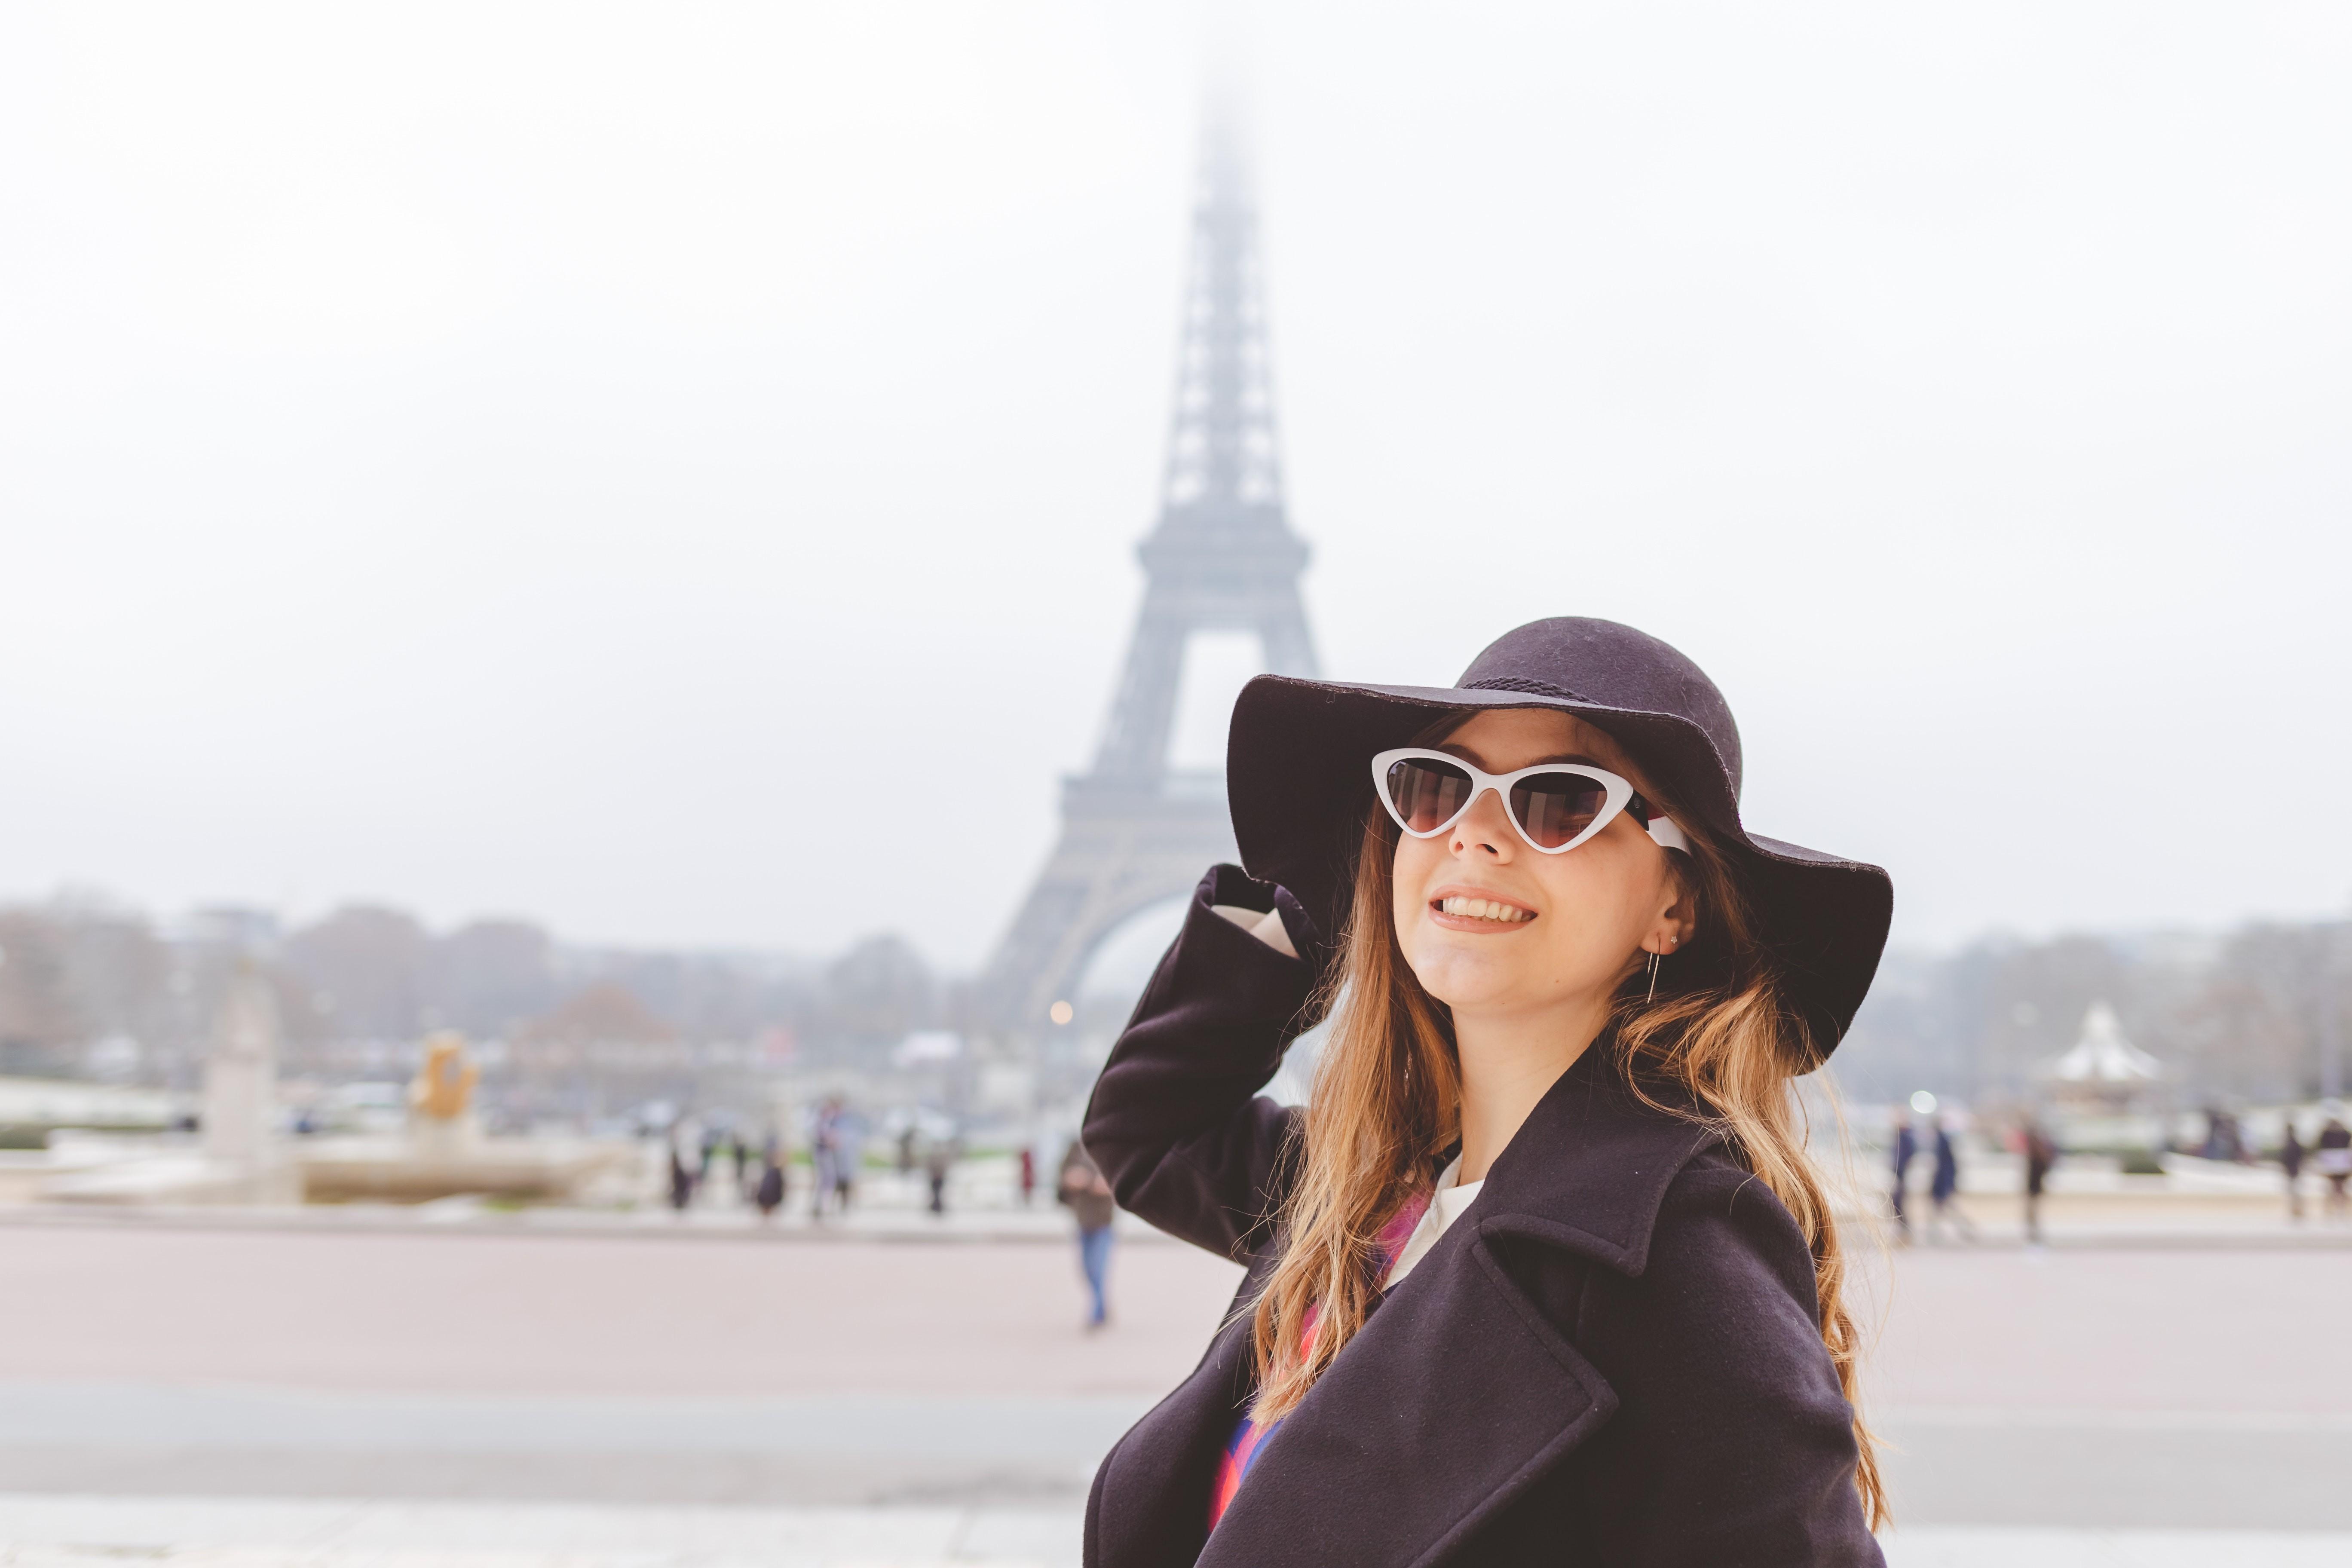 法國,教學(圖/取自免費圖庫pixabay)